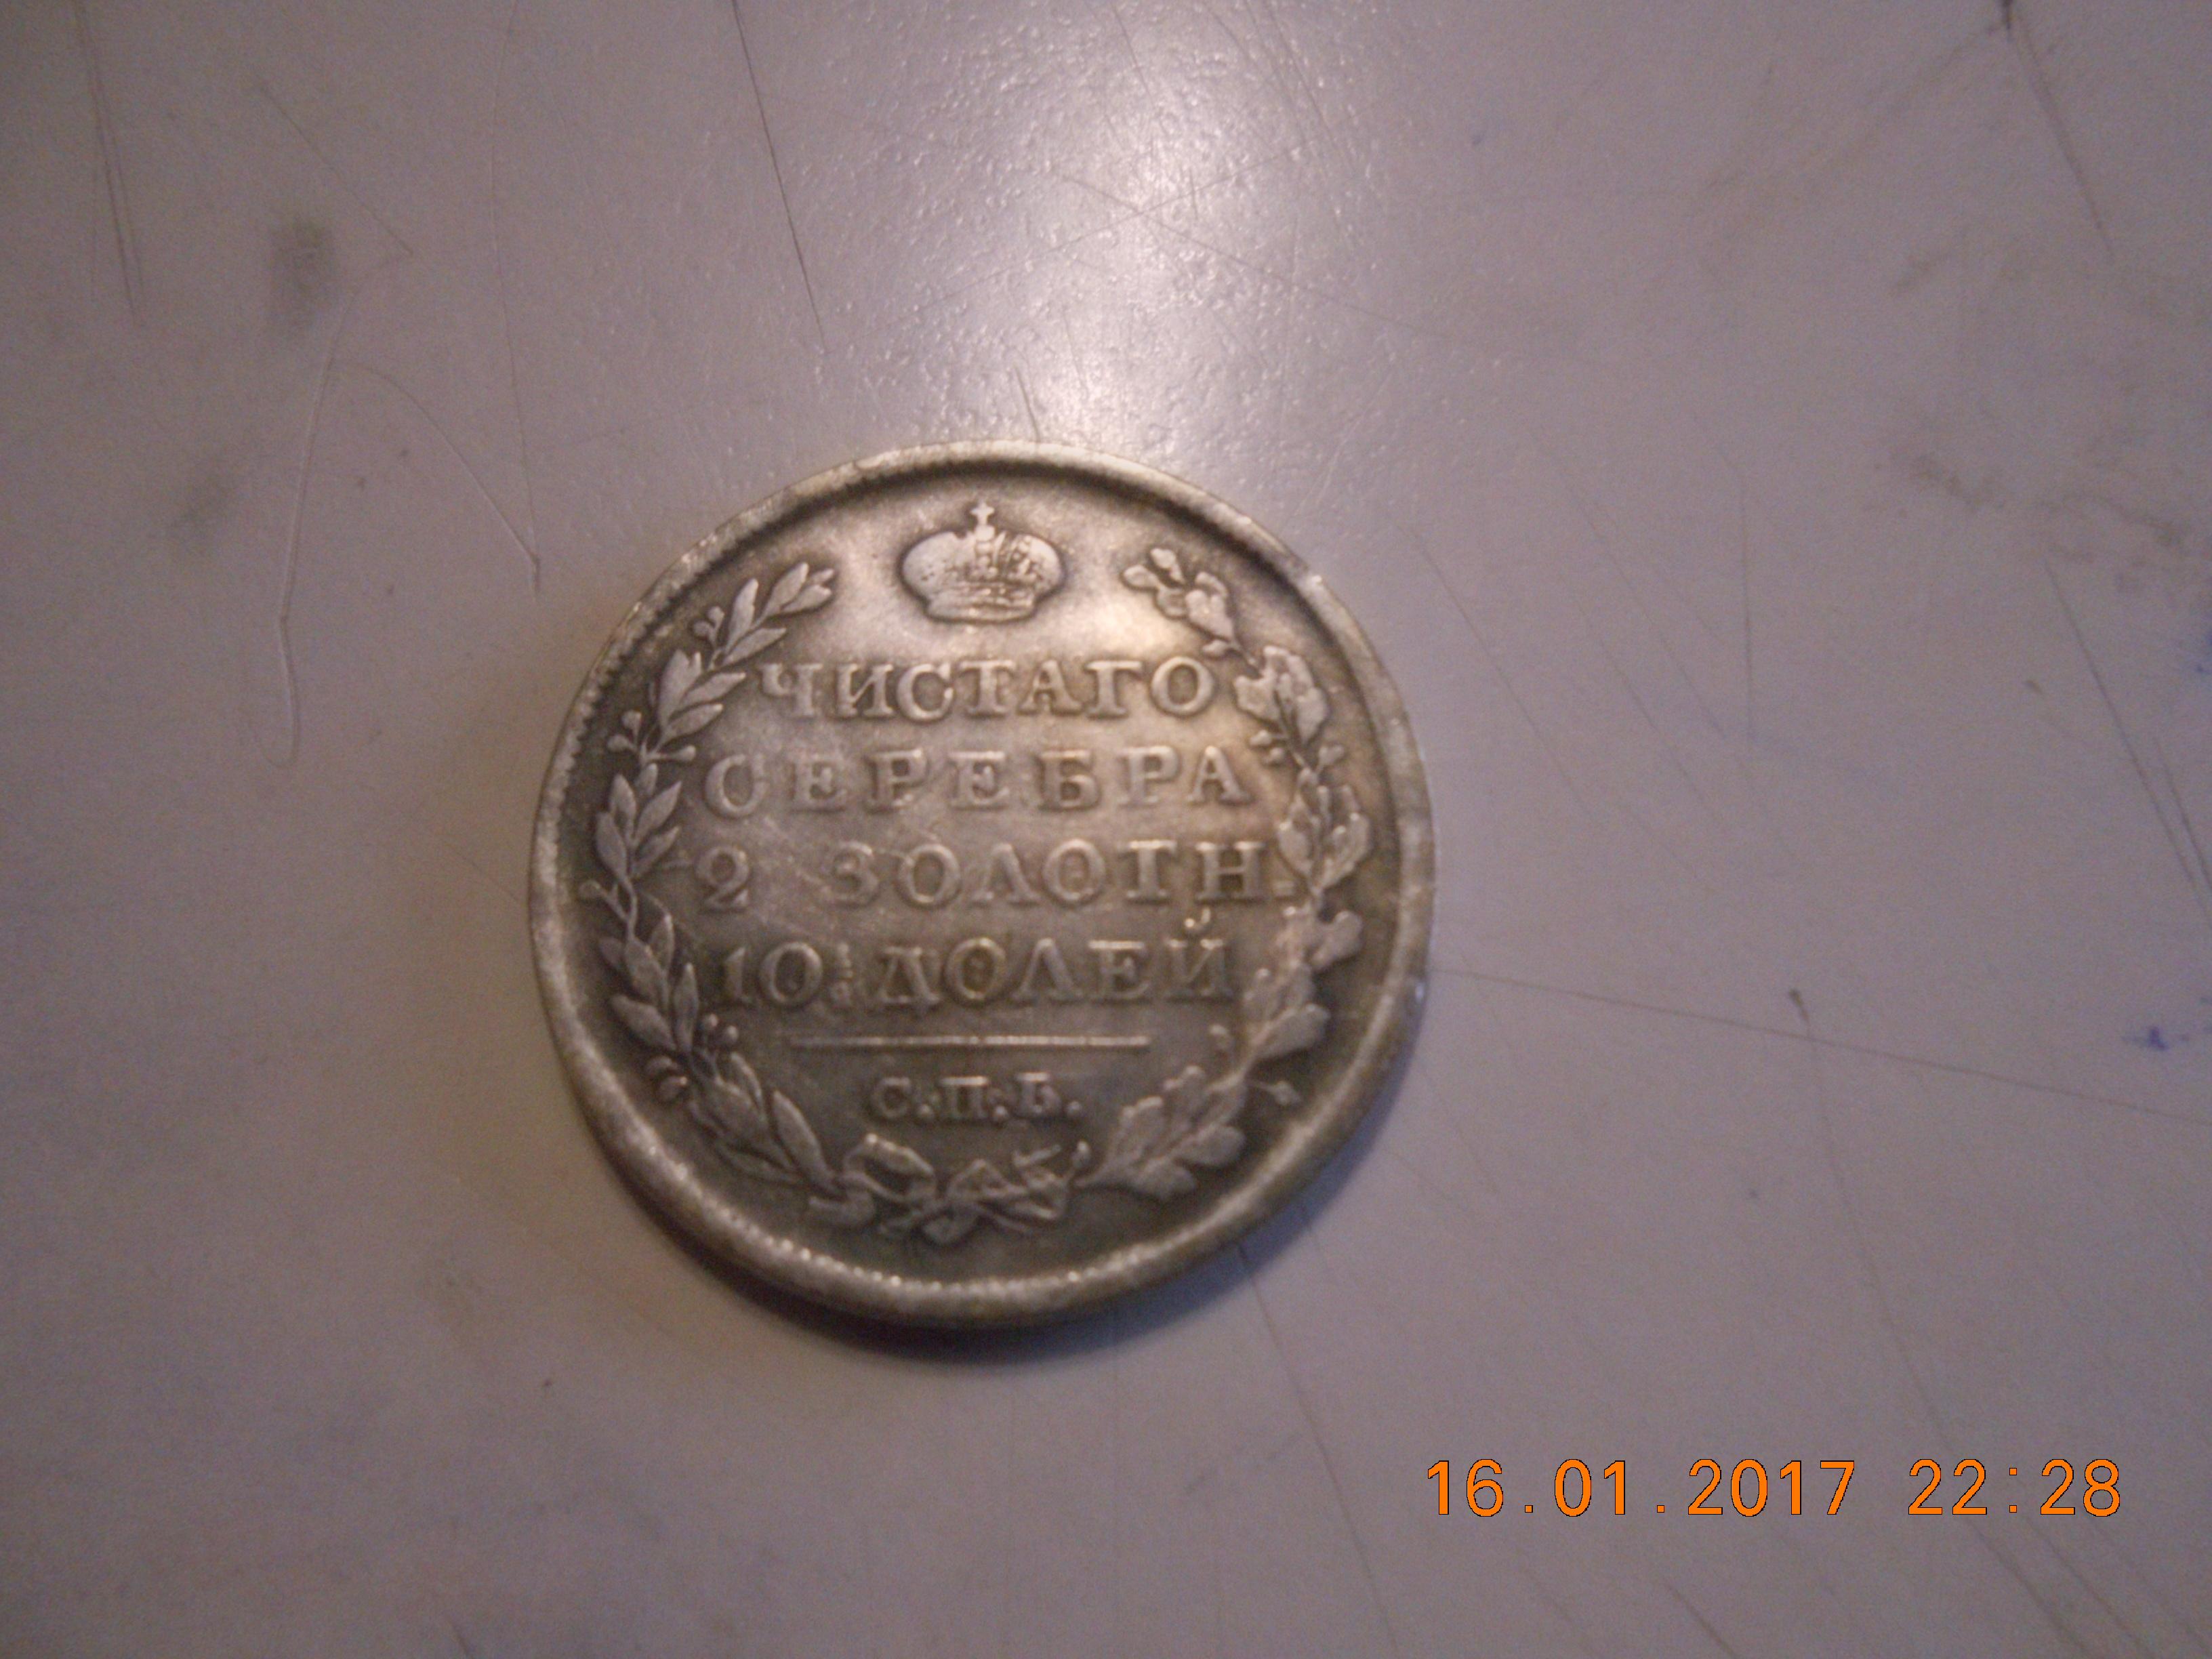 50 копеек 1895 года голова меньше полированный чекан проходы рублевые монеты россии